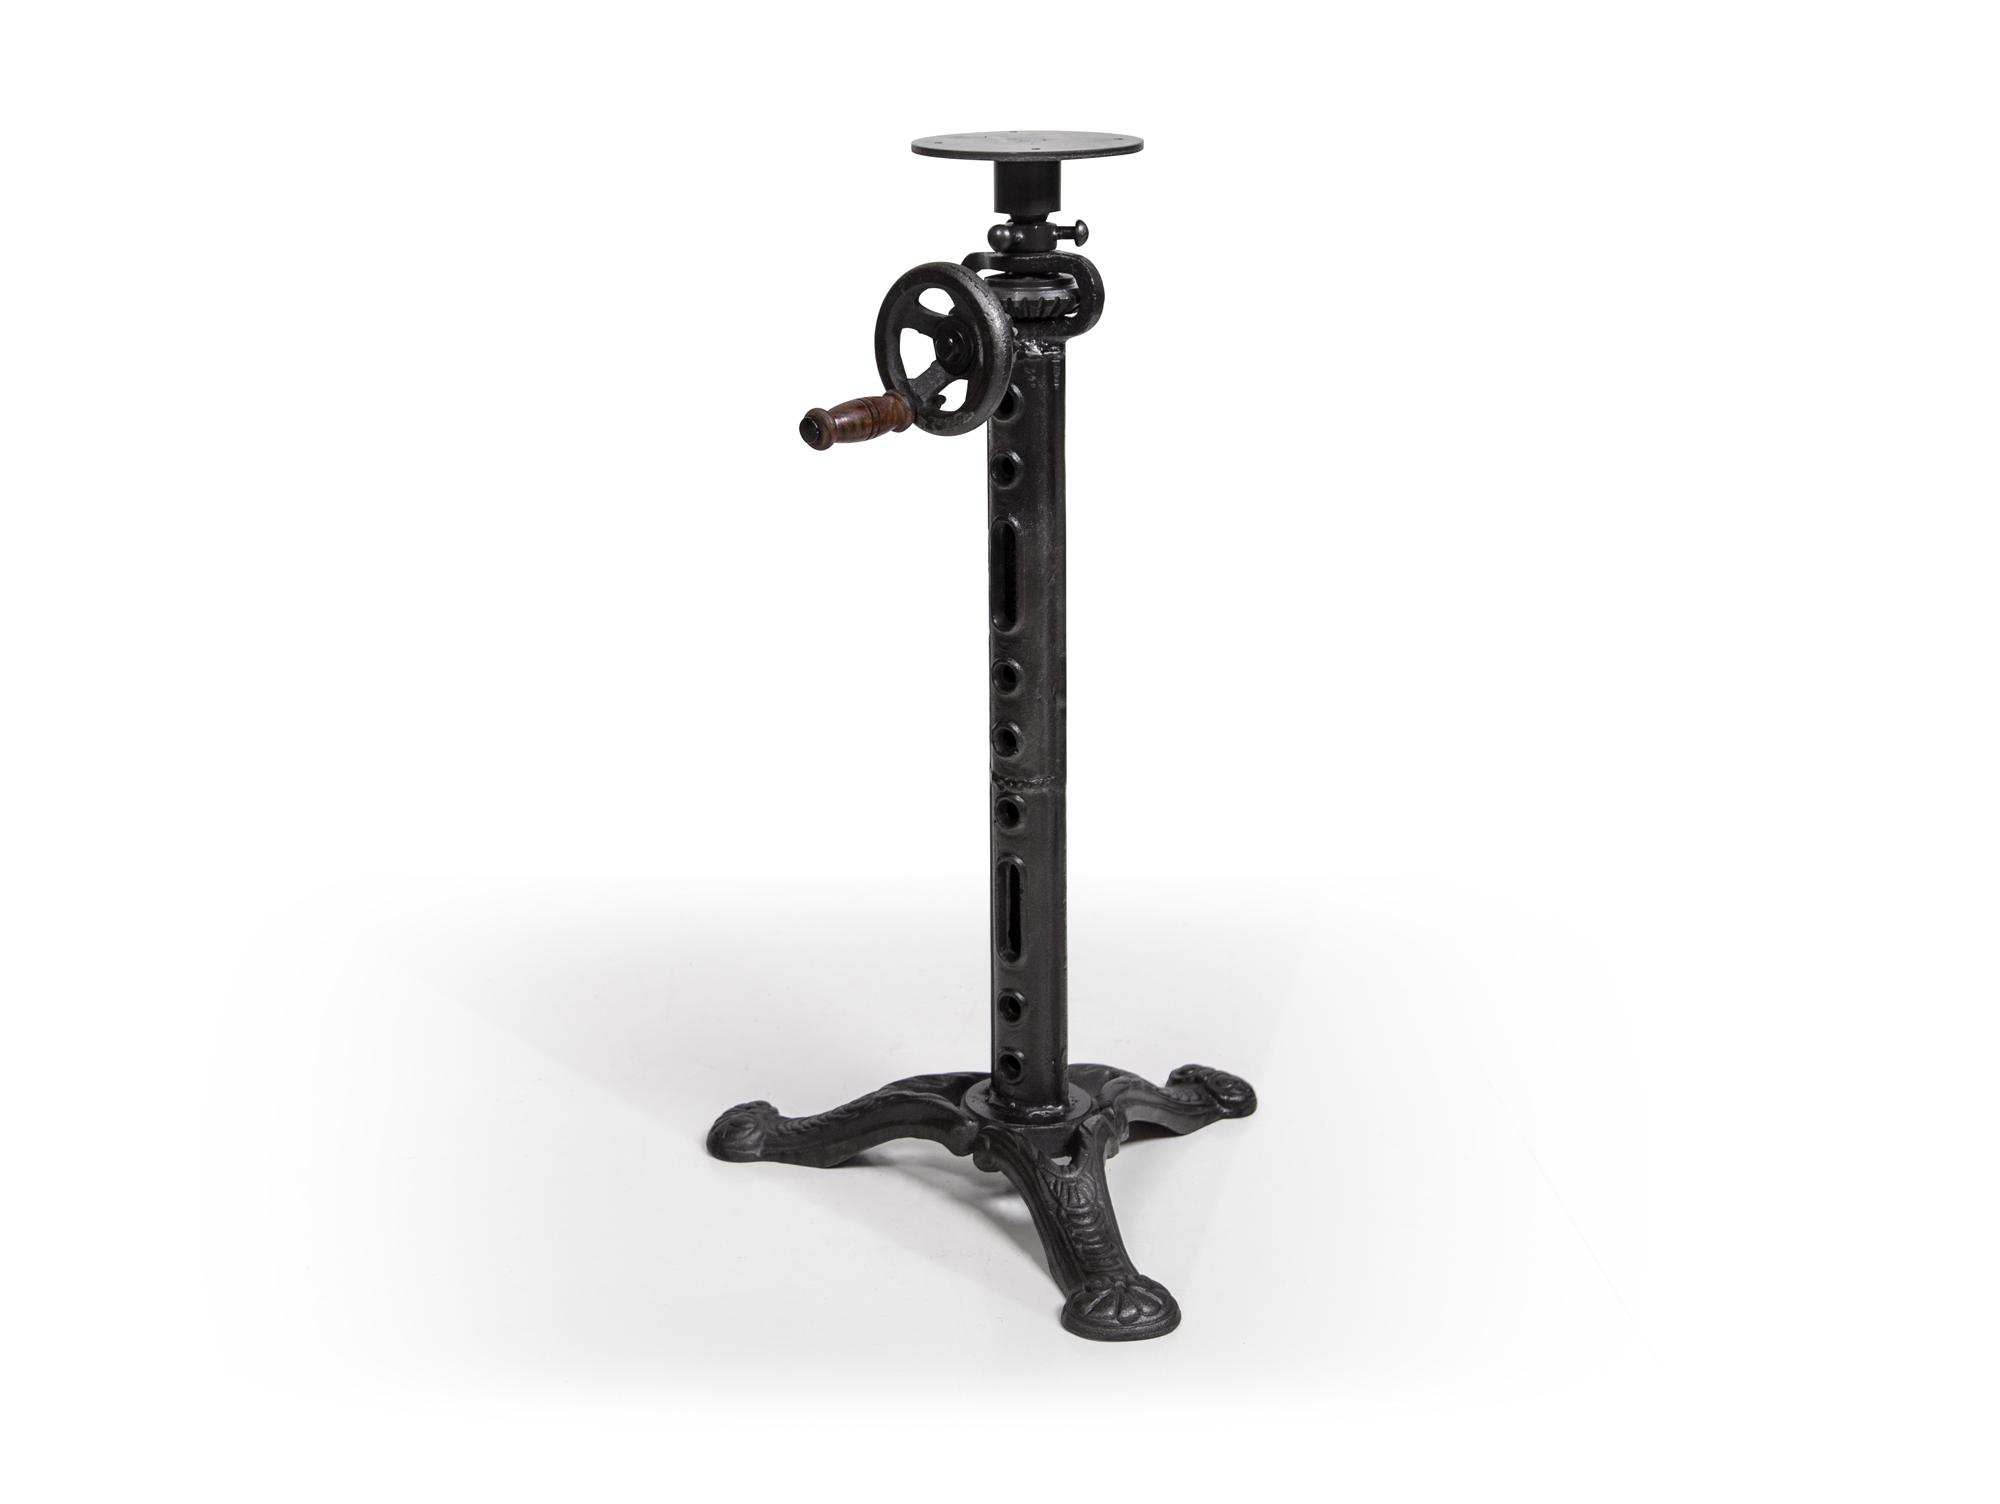 gestell f r esstisch tischgestell stahl schwarz 43 cm h henverstellbar wien 4251215232915 ebay. Black Bedroom Furniture Sets. Home Design Ideas